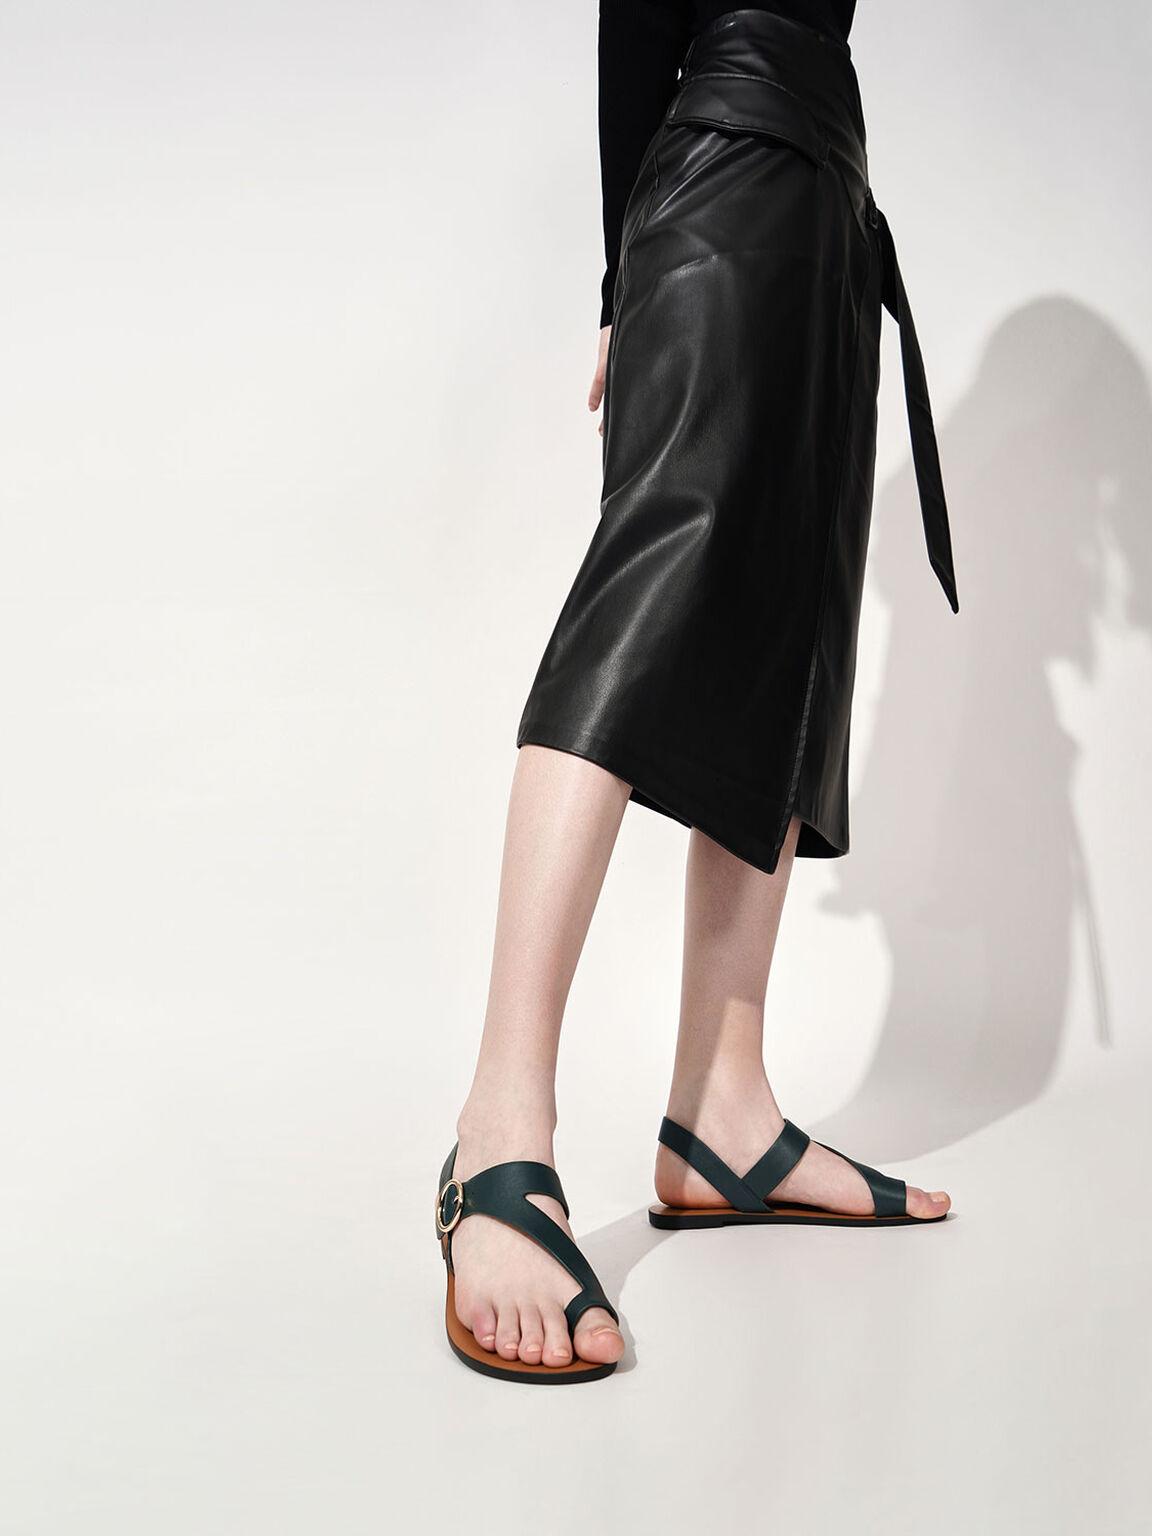 Toe Loop Asymmetric Strap Flats, Dark Green, hi-res